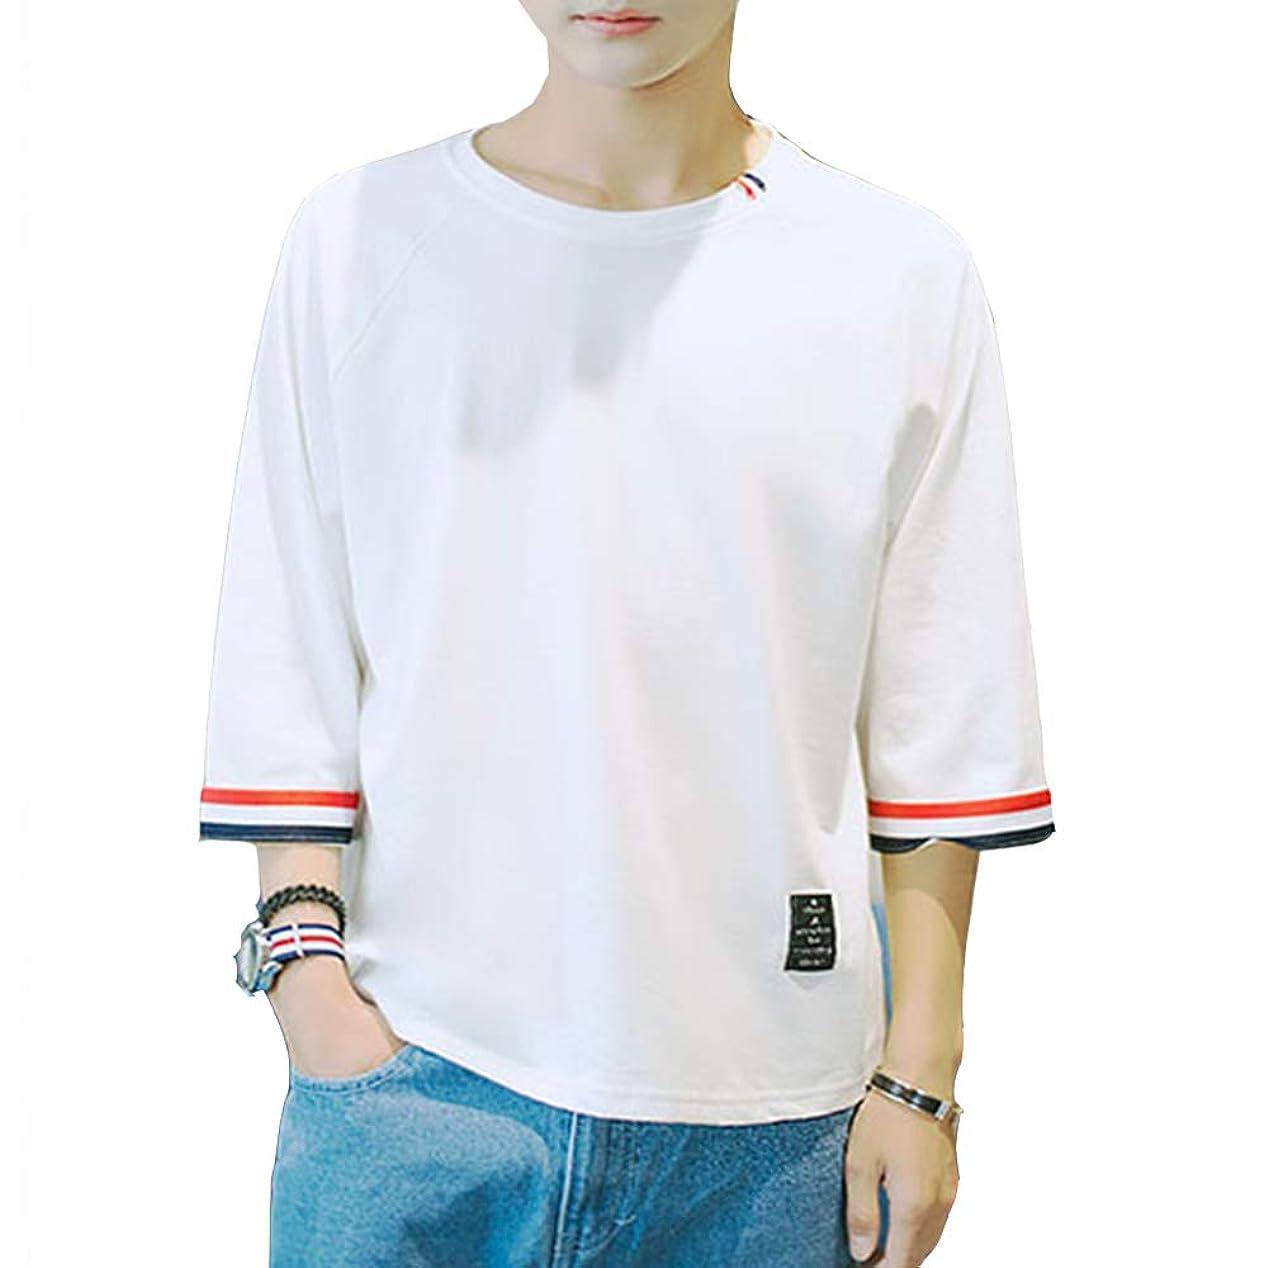 反対した耳限り夏服 メンズ Tシャツ 半袖 Tシャツ 五分袖 七分袖 カジュアル ゆったり 日常 快適 シンプル カットソー 吸汗速乾 軽い 柔らかいトップス 大きいサイズ カジュアル 夏季対応